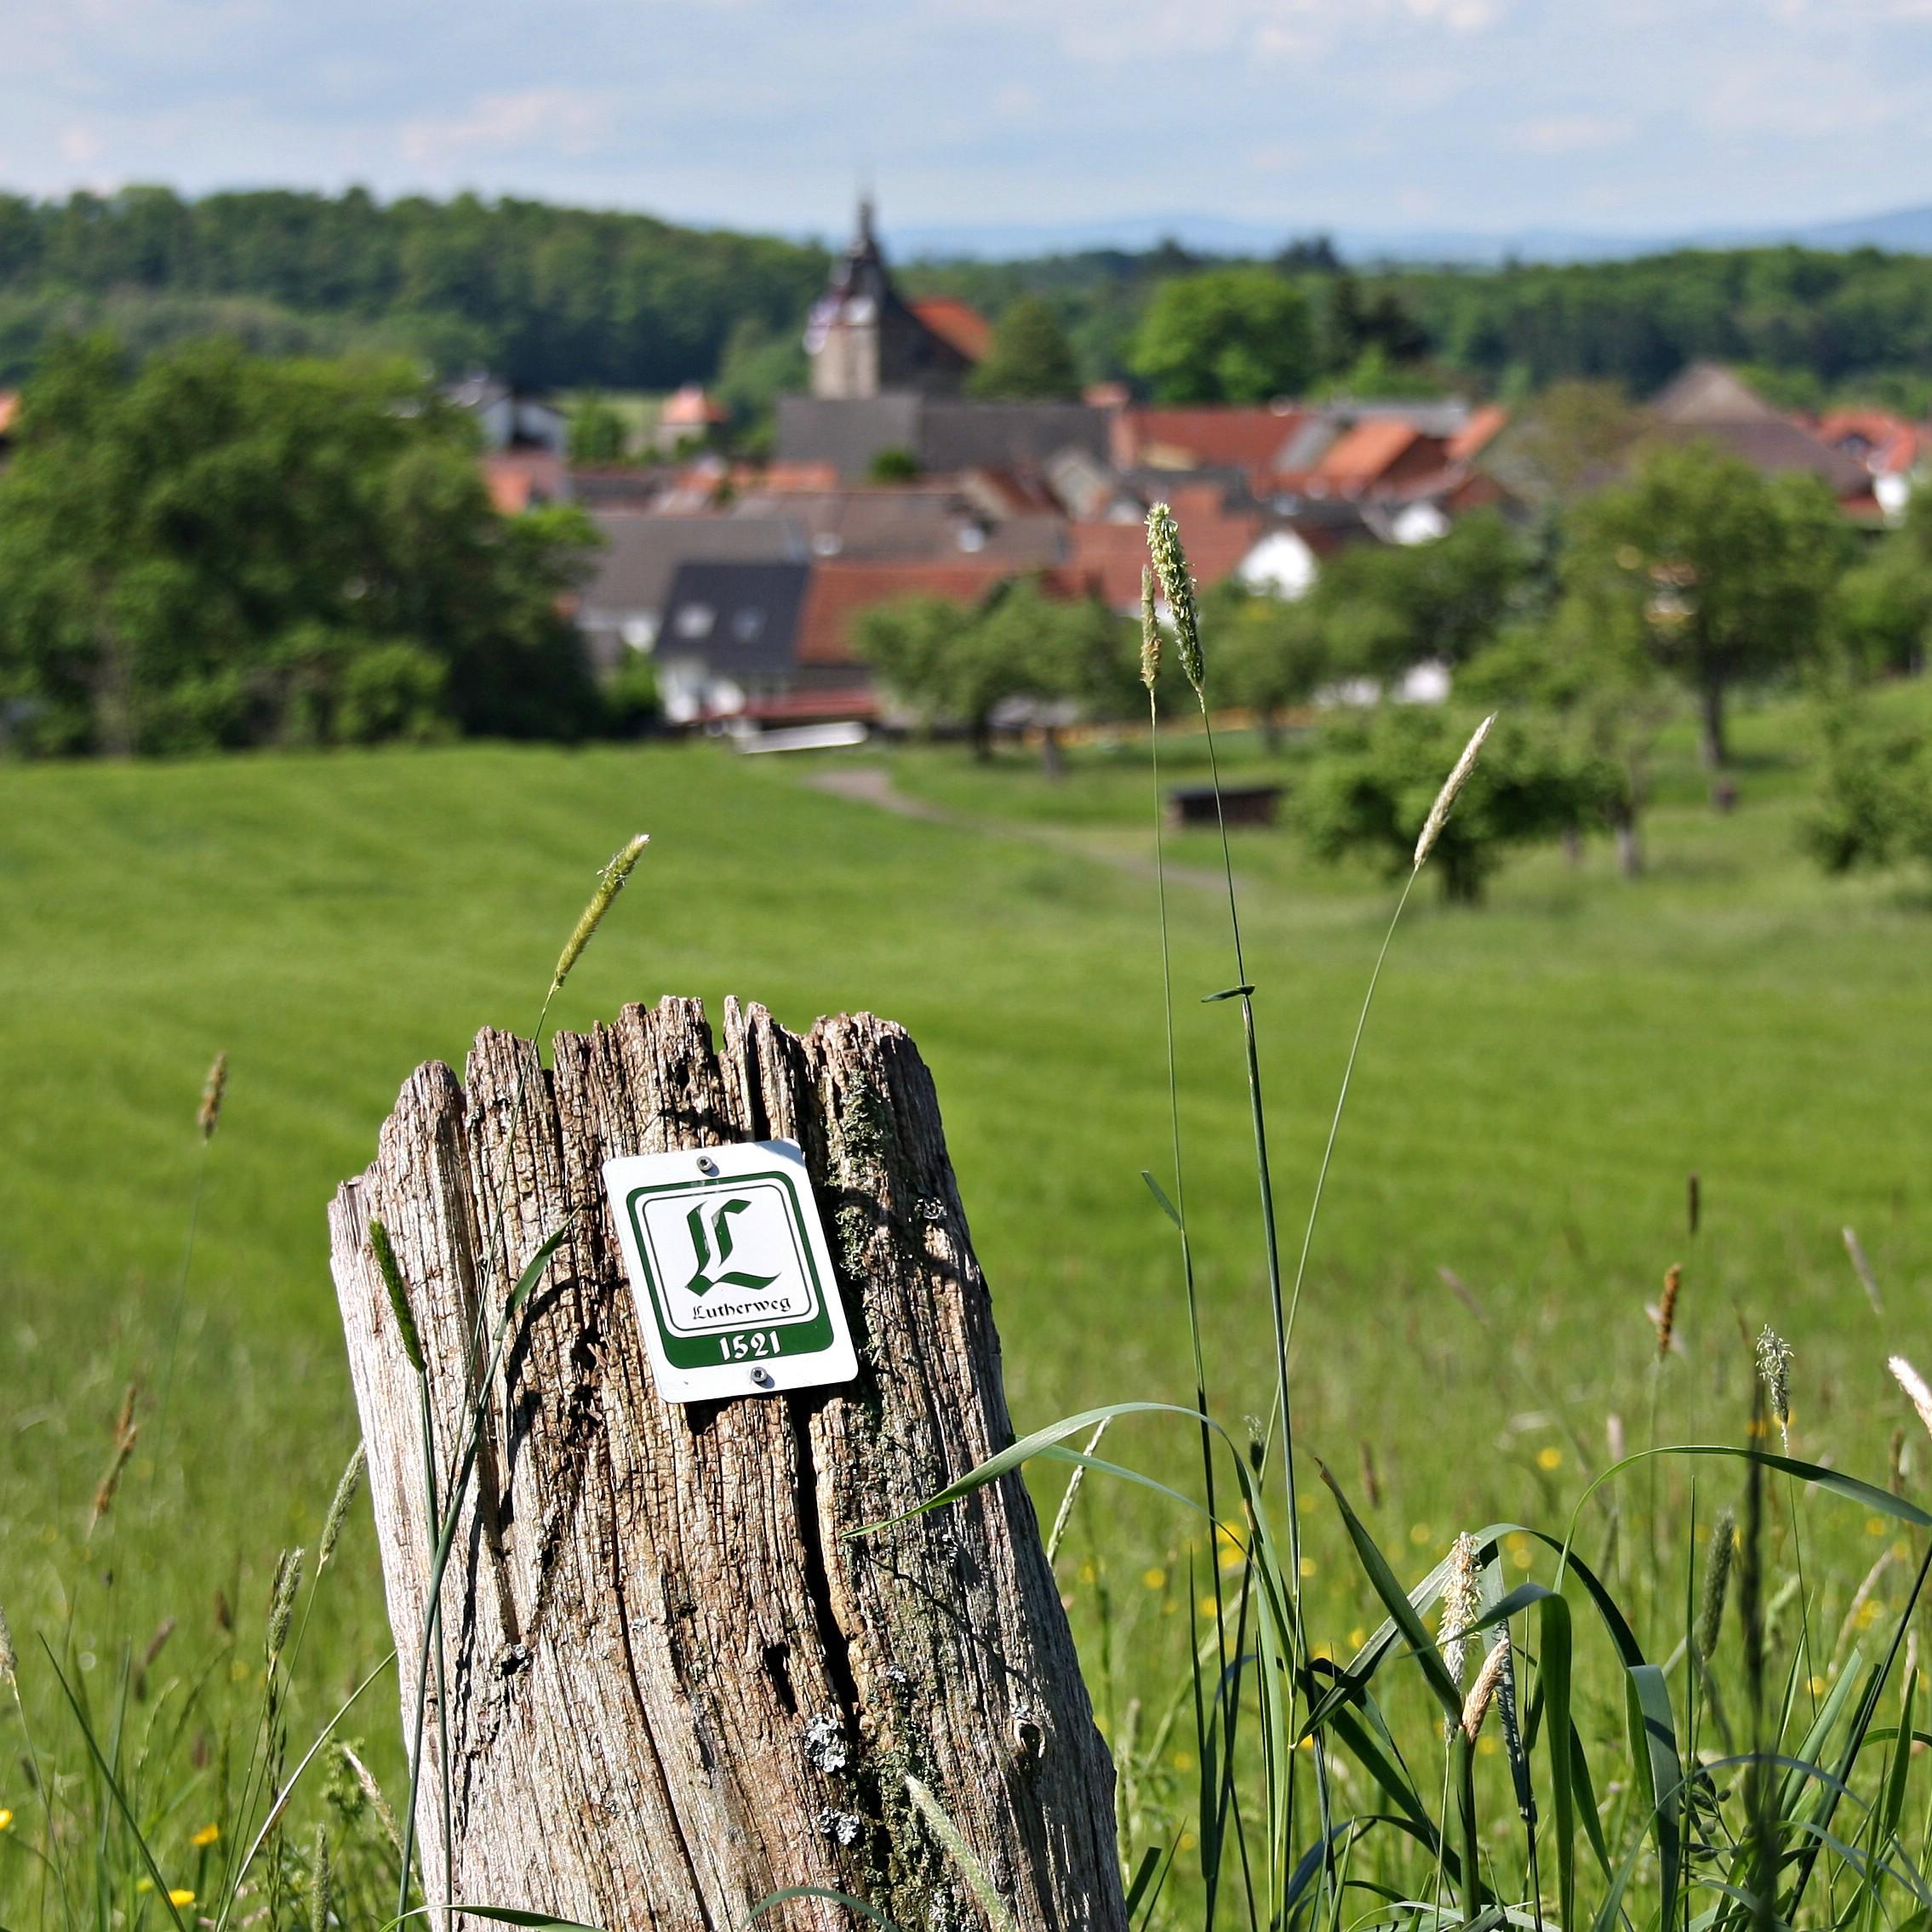 Am Lutherweg 1521